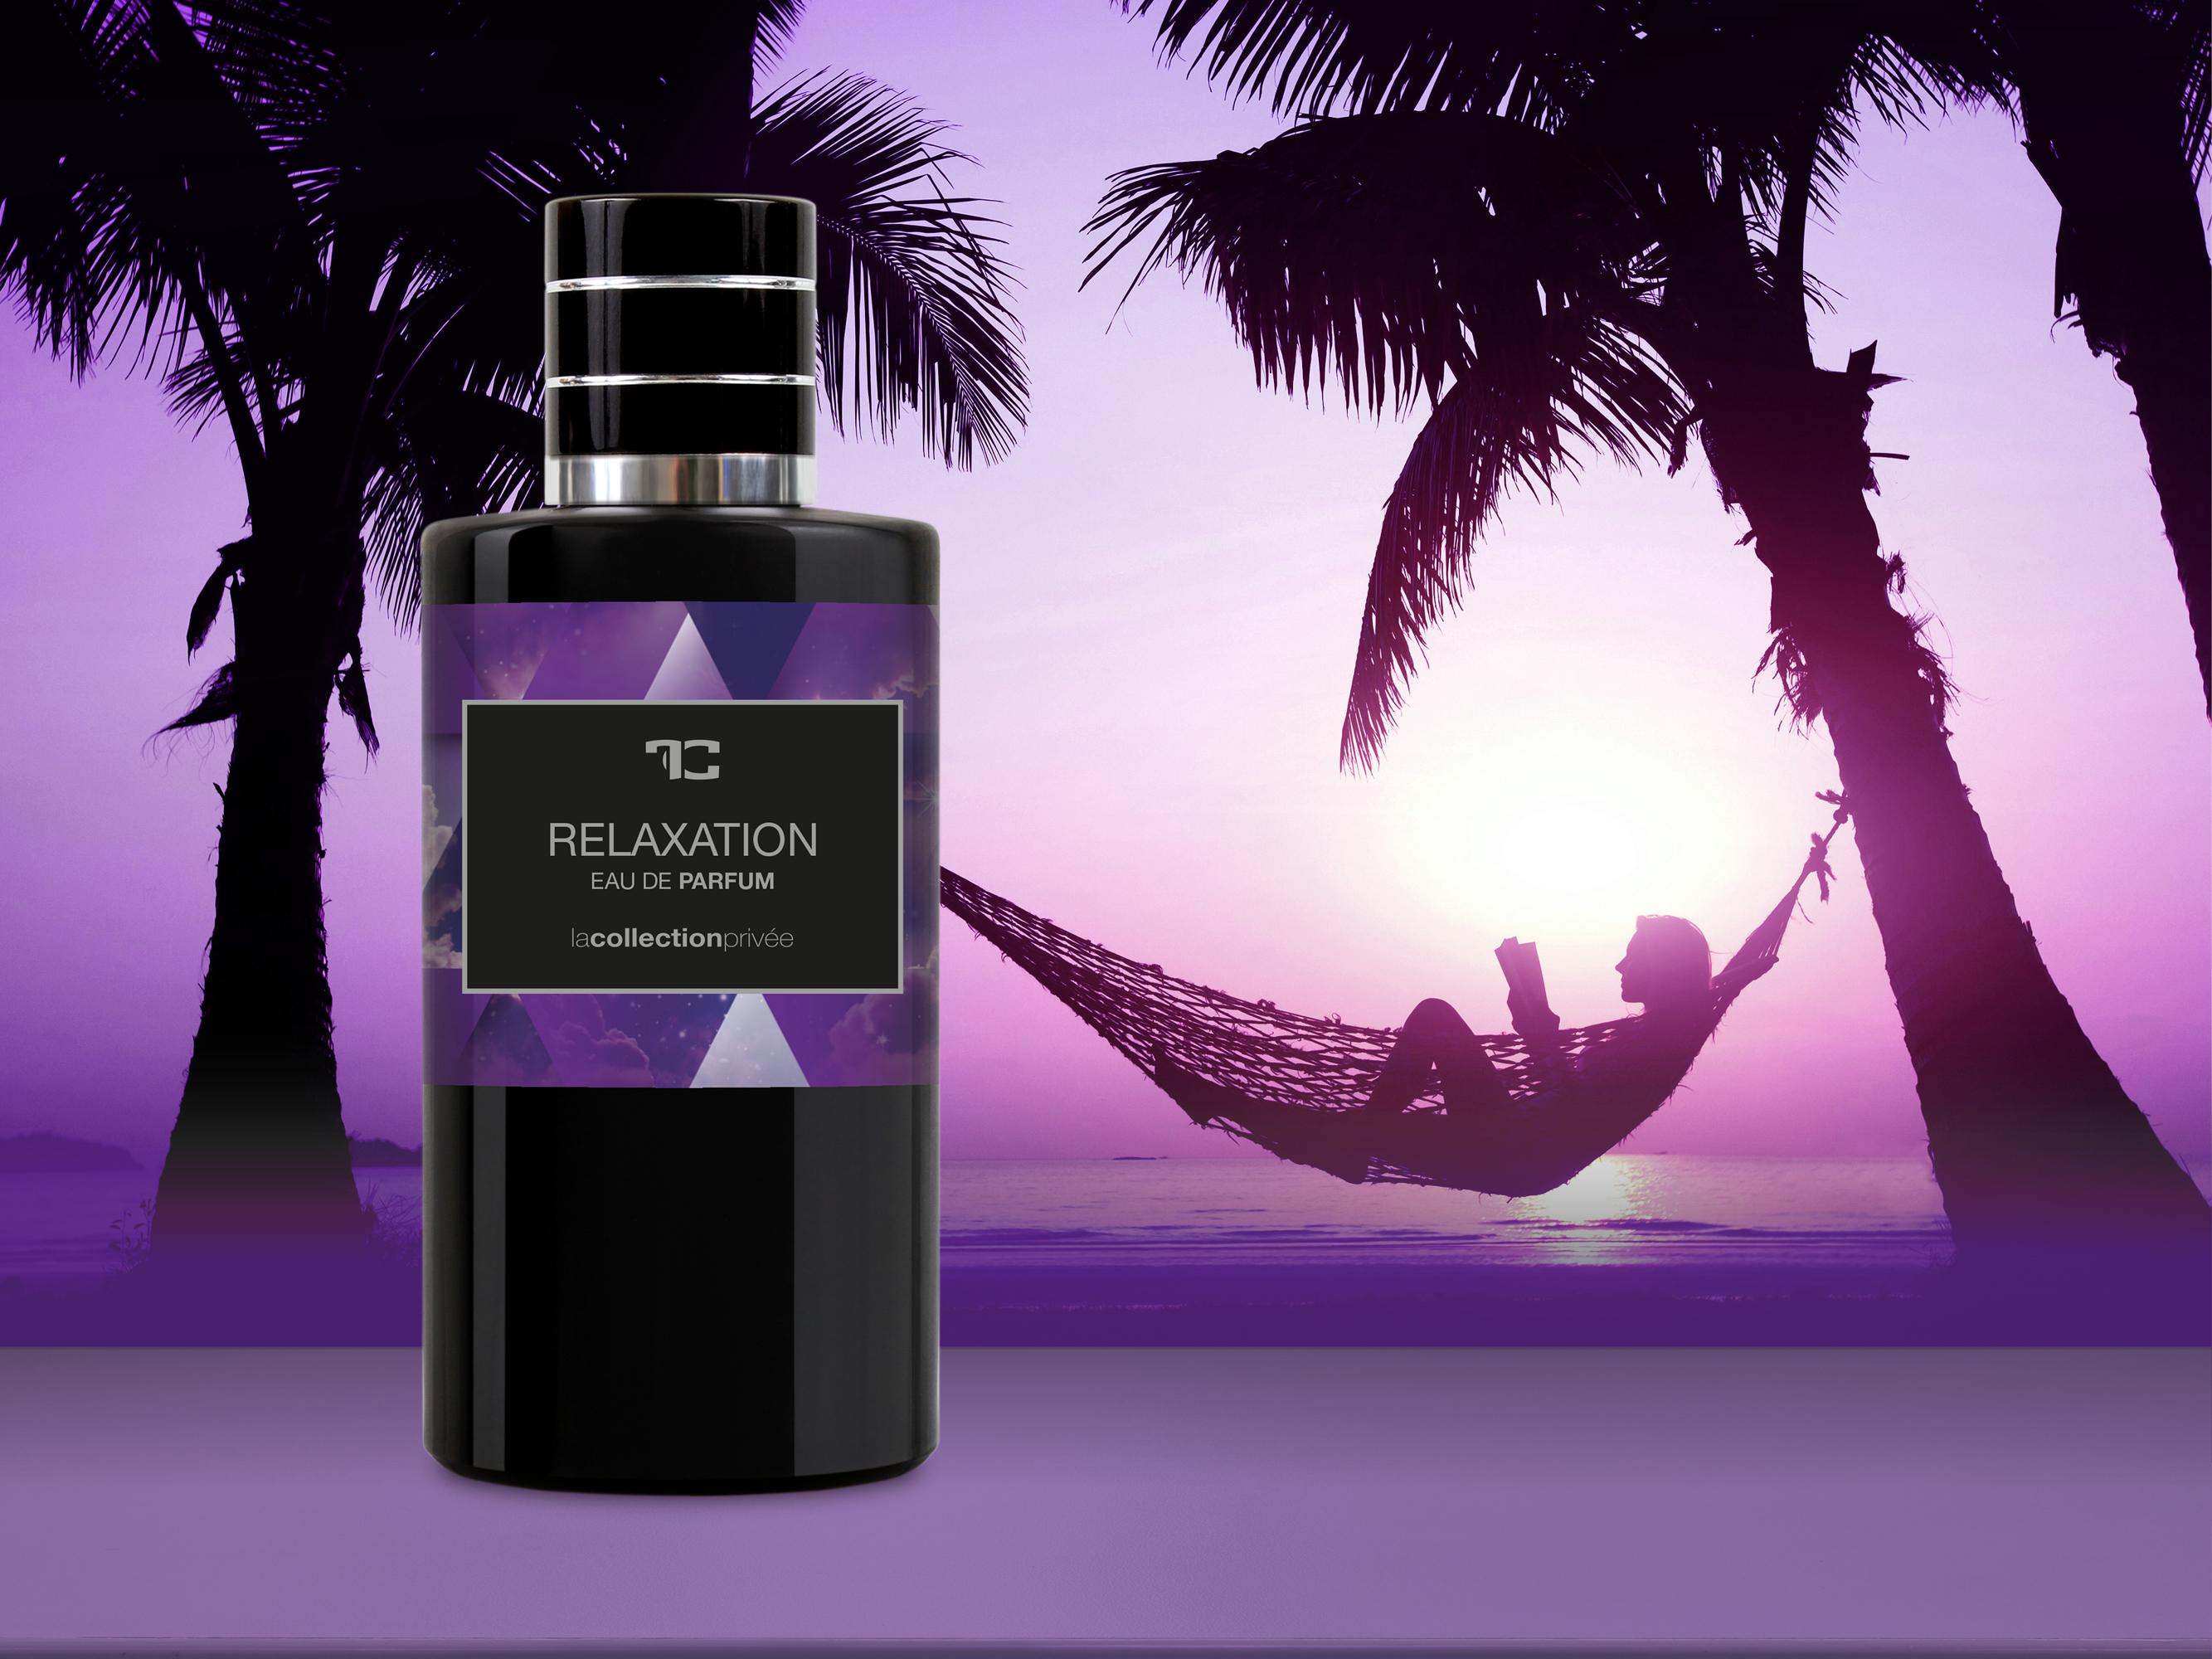 EAU DE PARFUM relaxation, parfémová voda, LA COLLECTION PRIVÉE